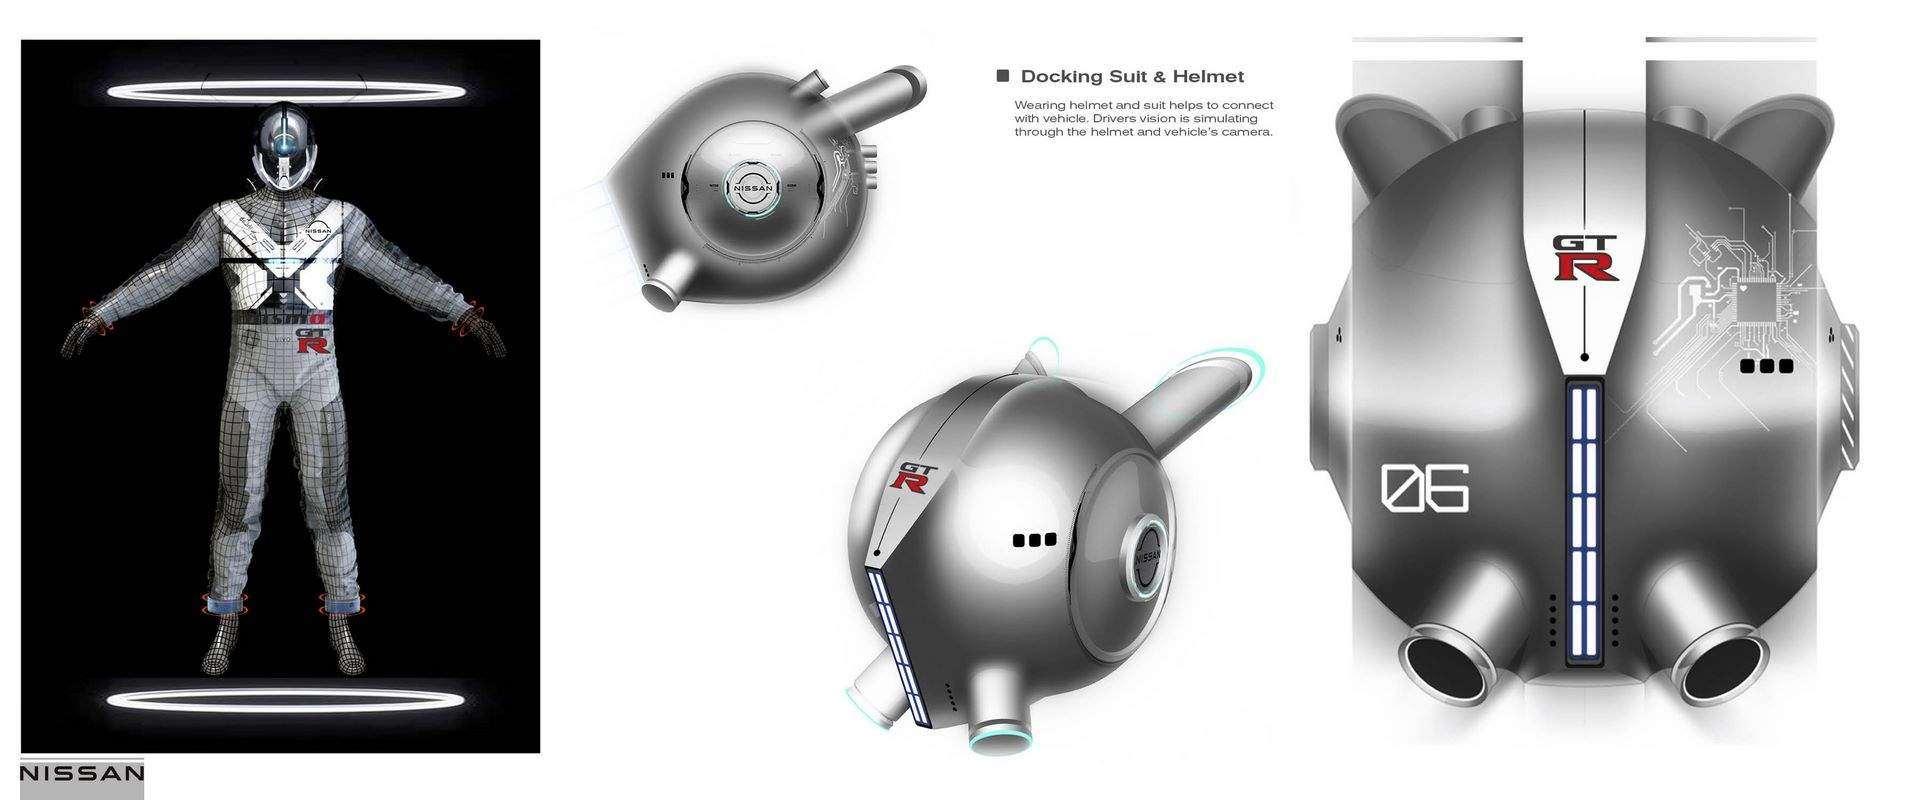 Nissan-GT-R-X-2050-Concept-34